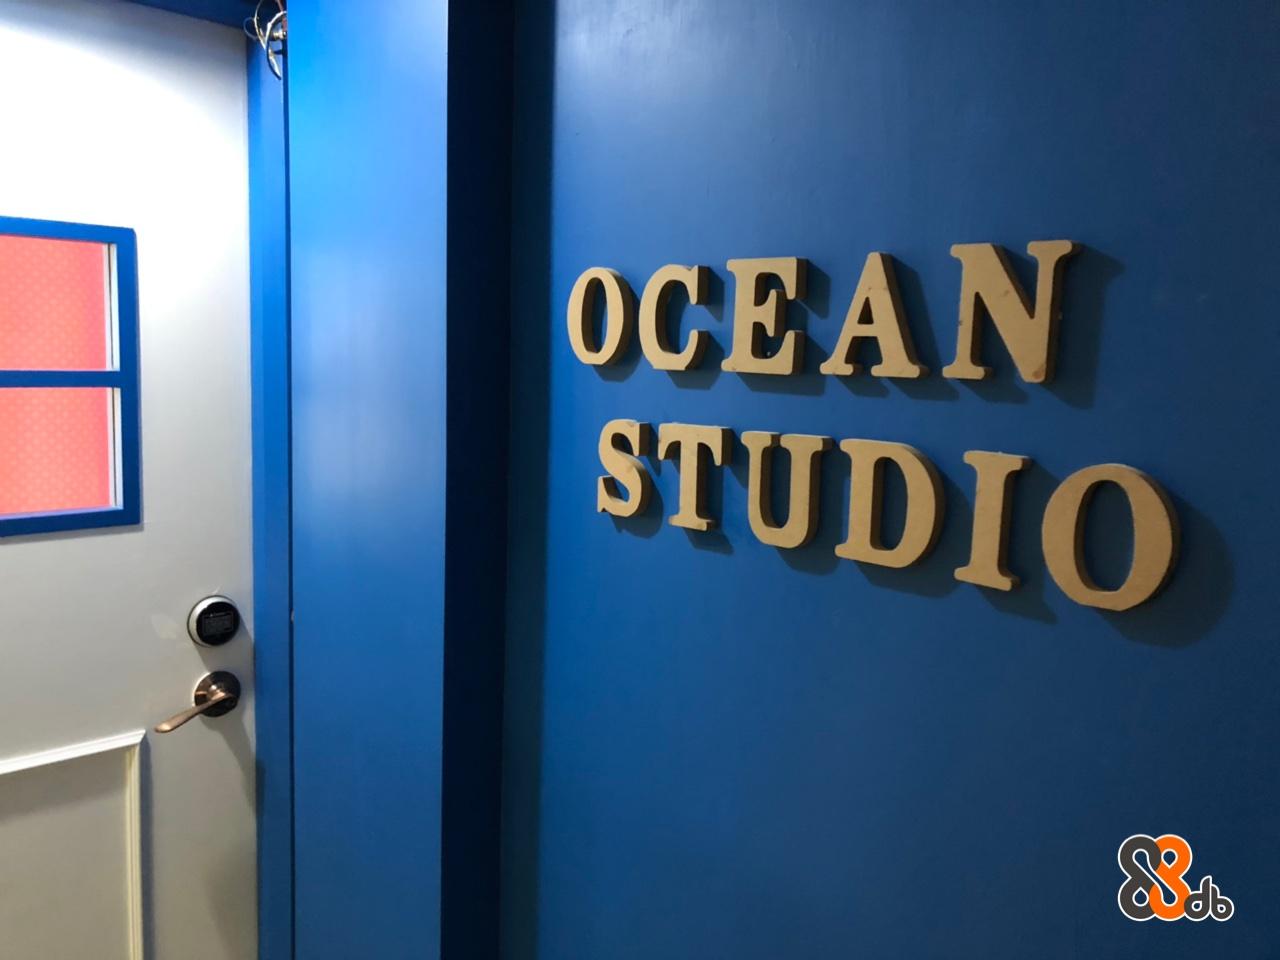 OCEAN STUDIO  Blue,Font,Room,Signage,Door